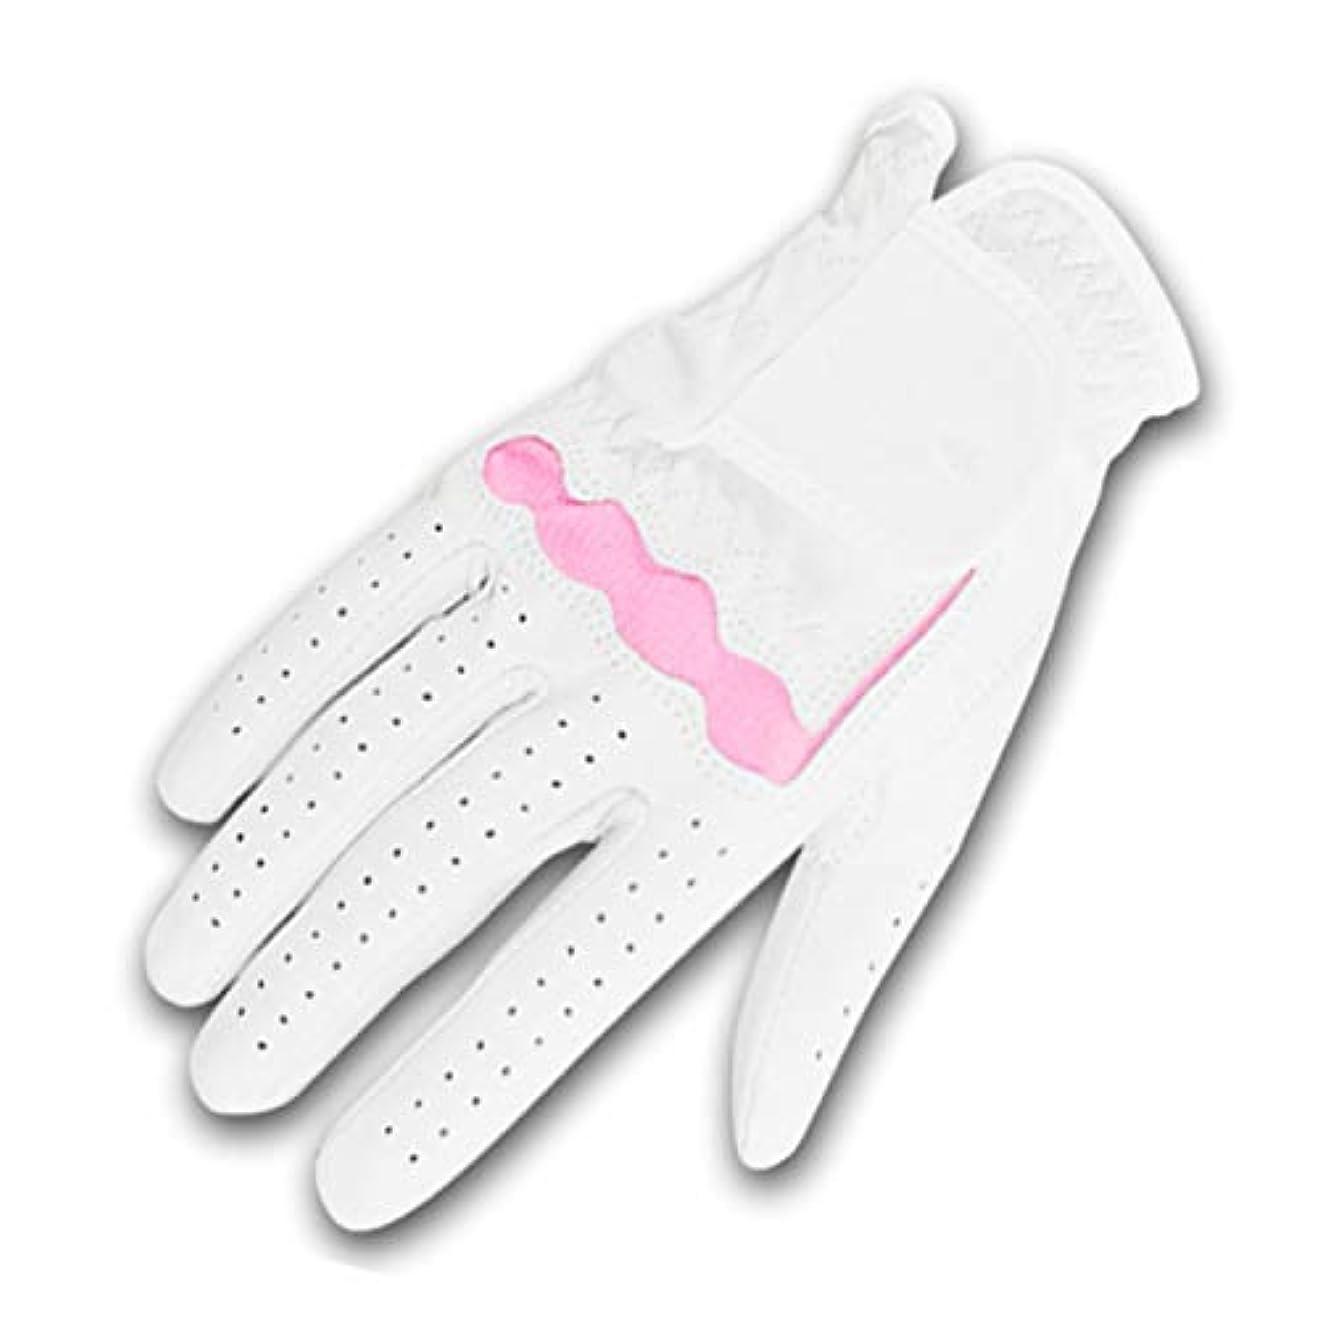 件名アセ統計BAJIMI 手袋 グローブ レディース/メンズ ハンド ケア 女性用ゴルフグローブ滑り止めグローブで手を保護 裏起毛 おしゃれ 手触りが良い 運転 耐磨耗性 換気性